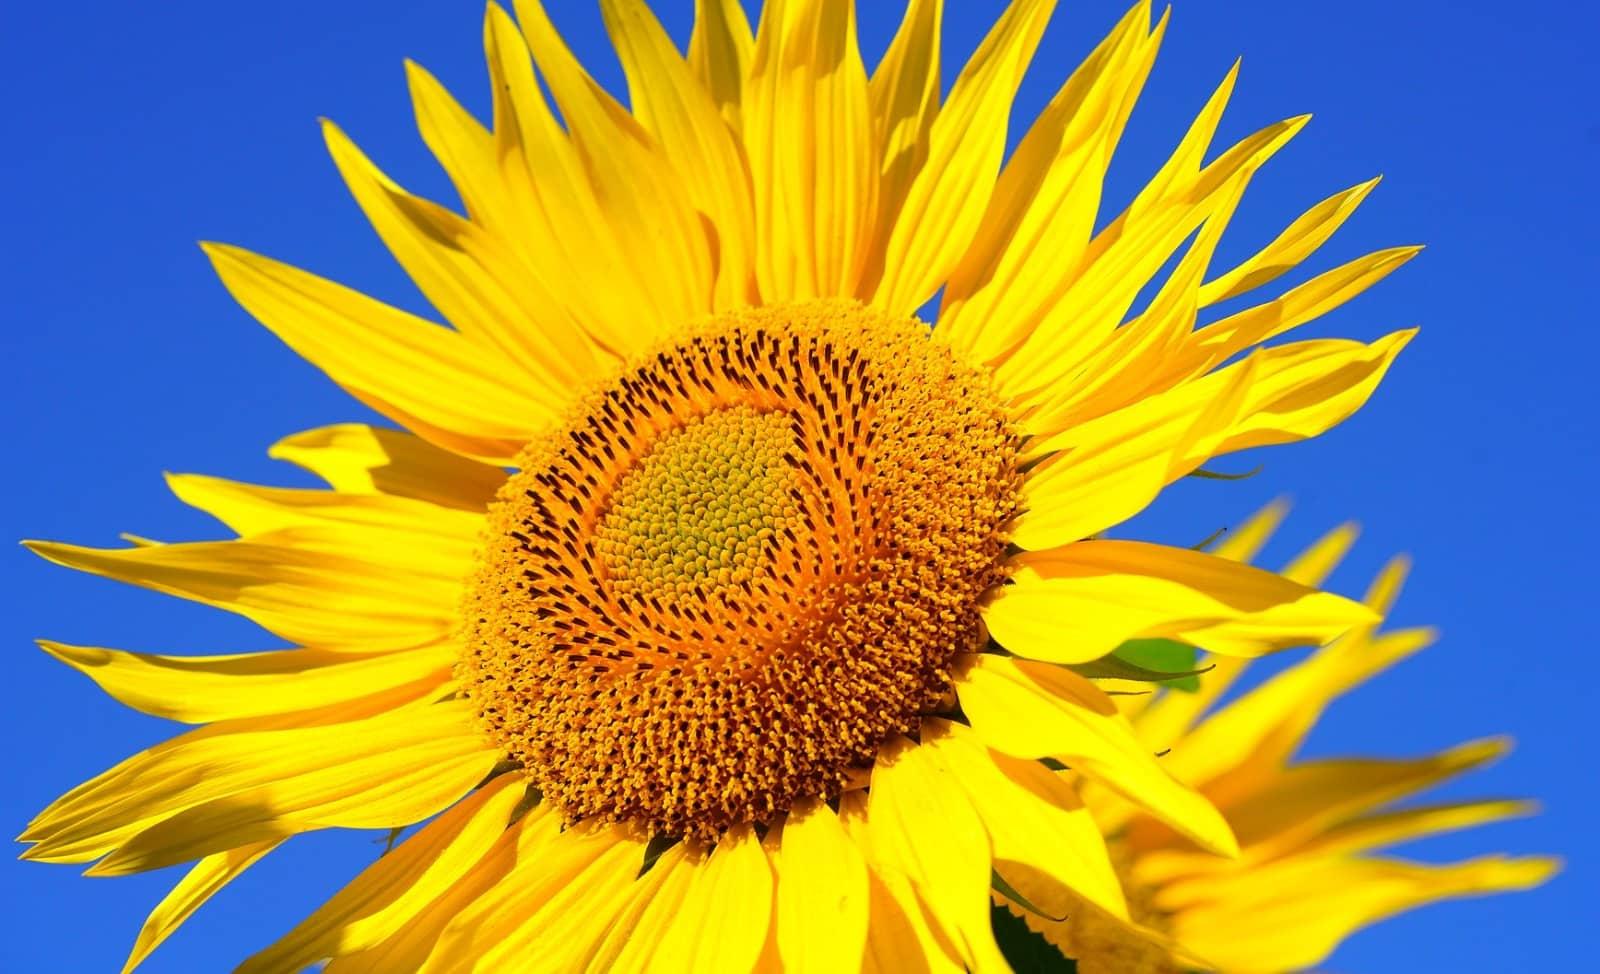 grote zonnebloem van dichtbij met blauwe lucht